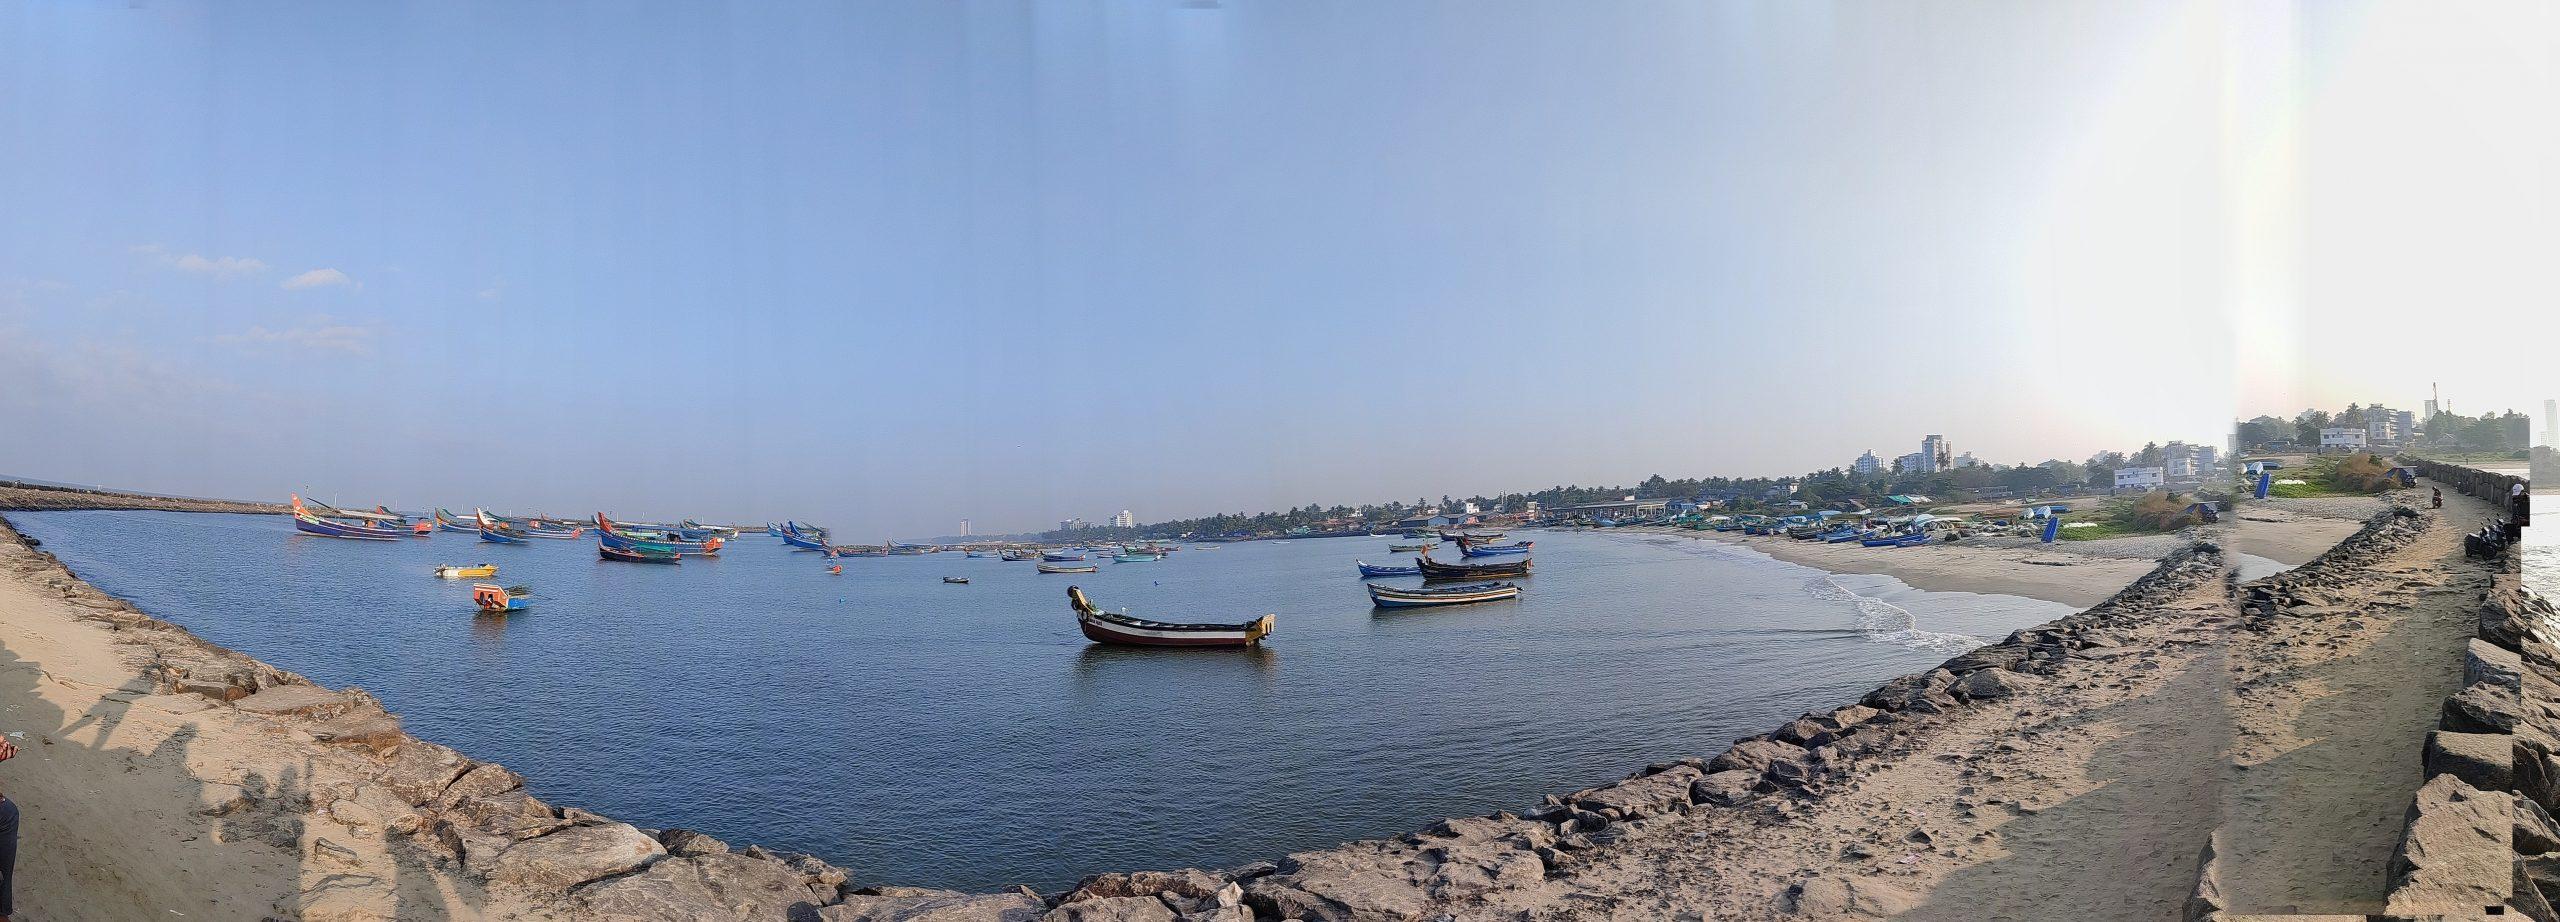 A beach in Calcutta.